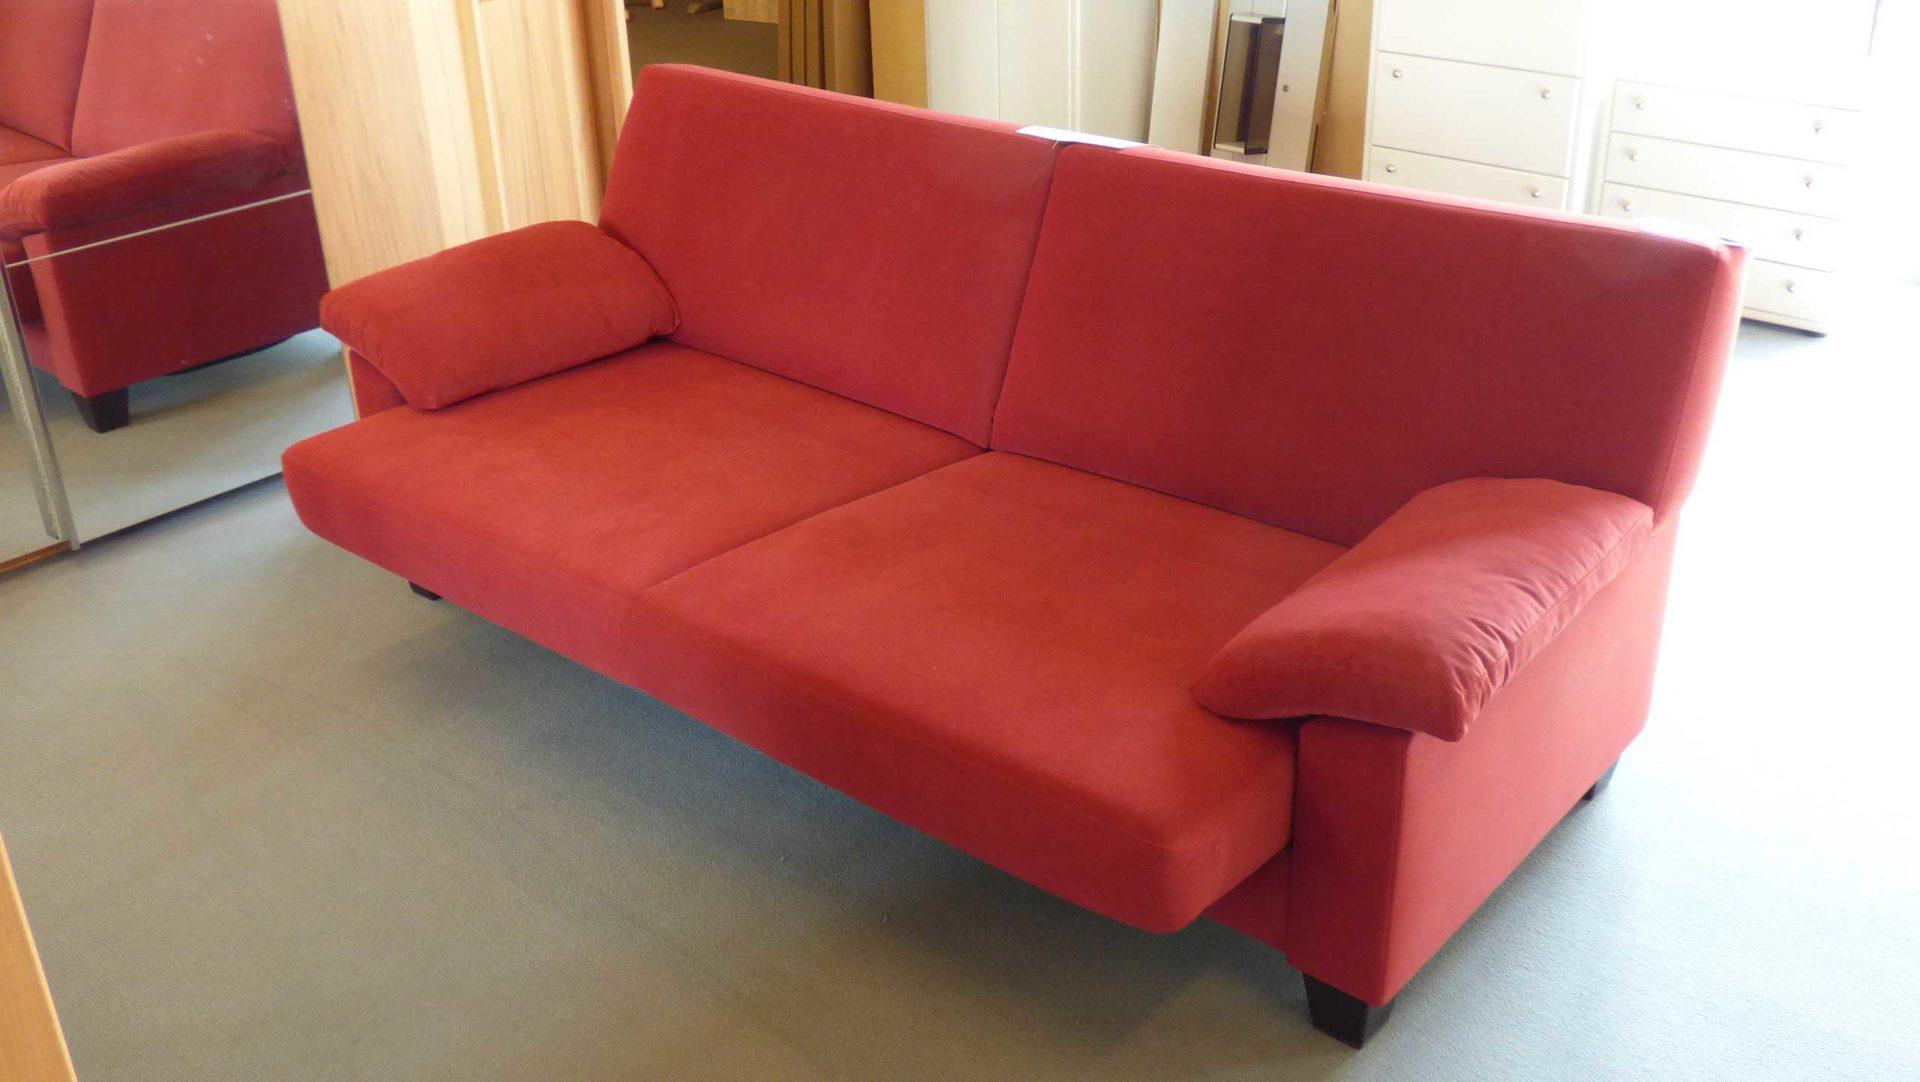 Polstermöbel Färben ewald schillig verwandlungssofa florenz sofa mit schlaffunktion